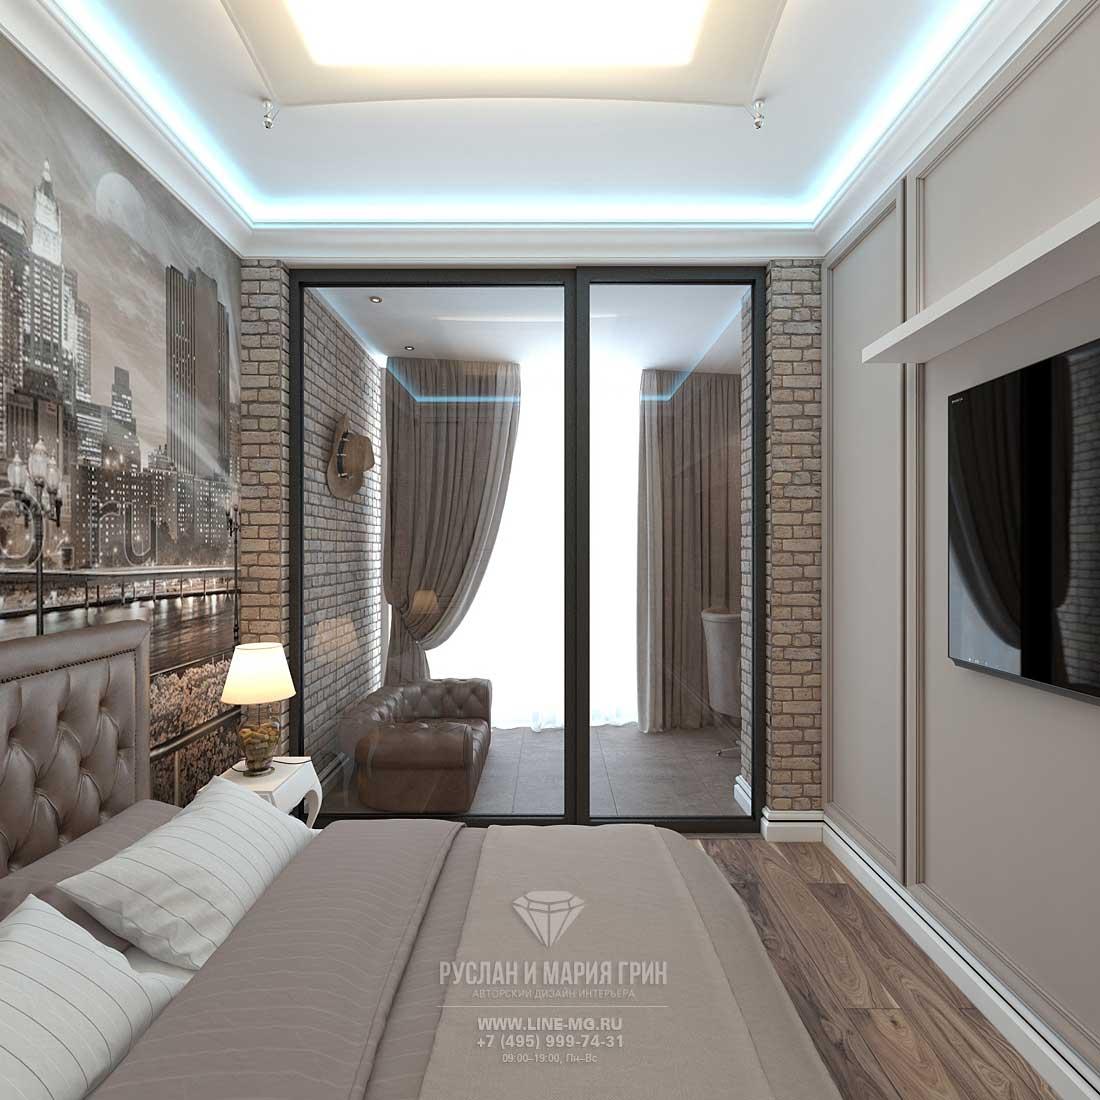 Дизайн детской комнаты для мальчика 10 лет. Квартира в ЖК «Сколково Парк»